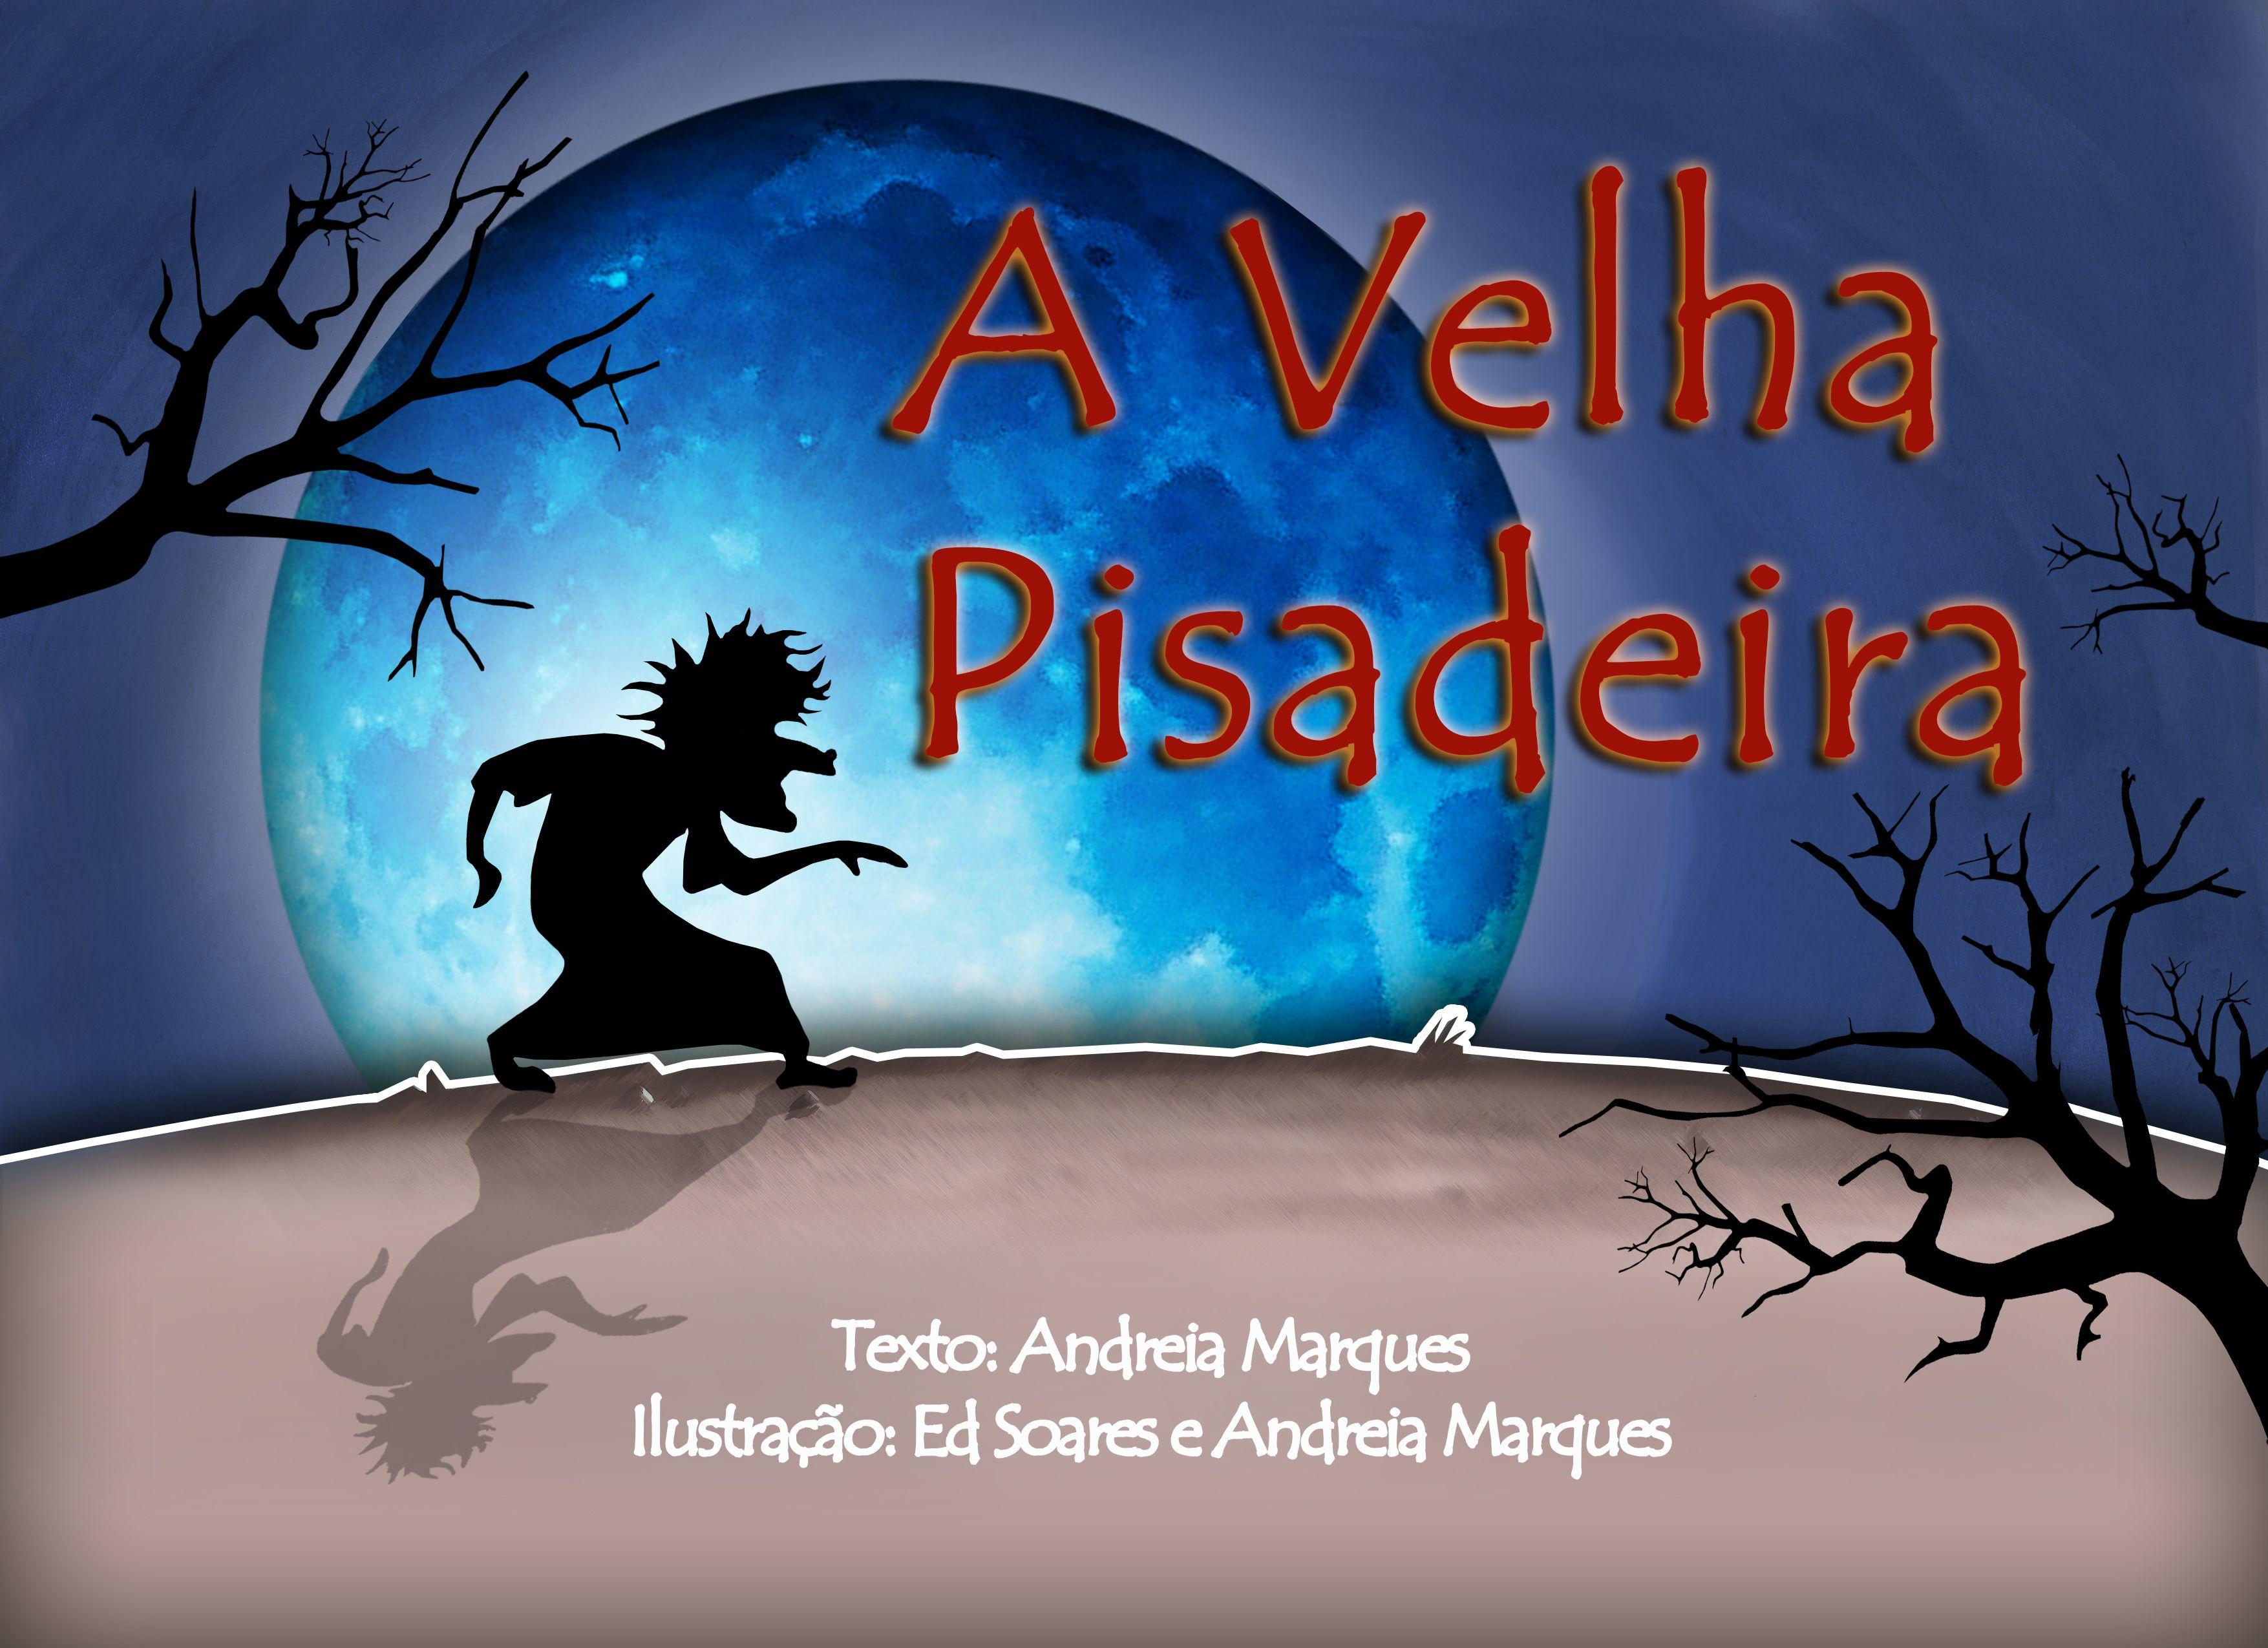 Livro infantil ilustrado e em poesia a velha pisadeira de andreia livro infantil ilustrado e em poesia a velha pisadeira de andreia marques fandeluxe Choice Image